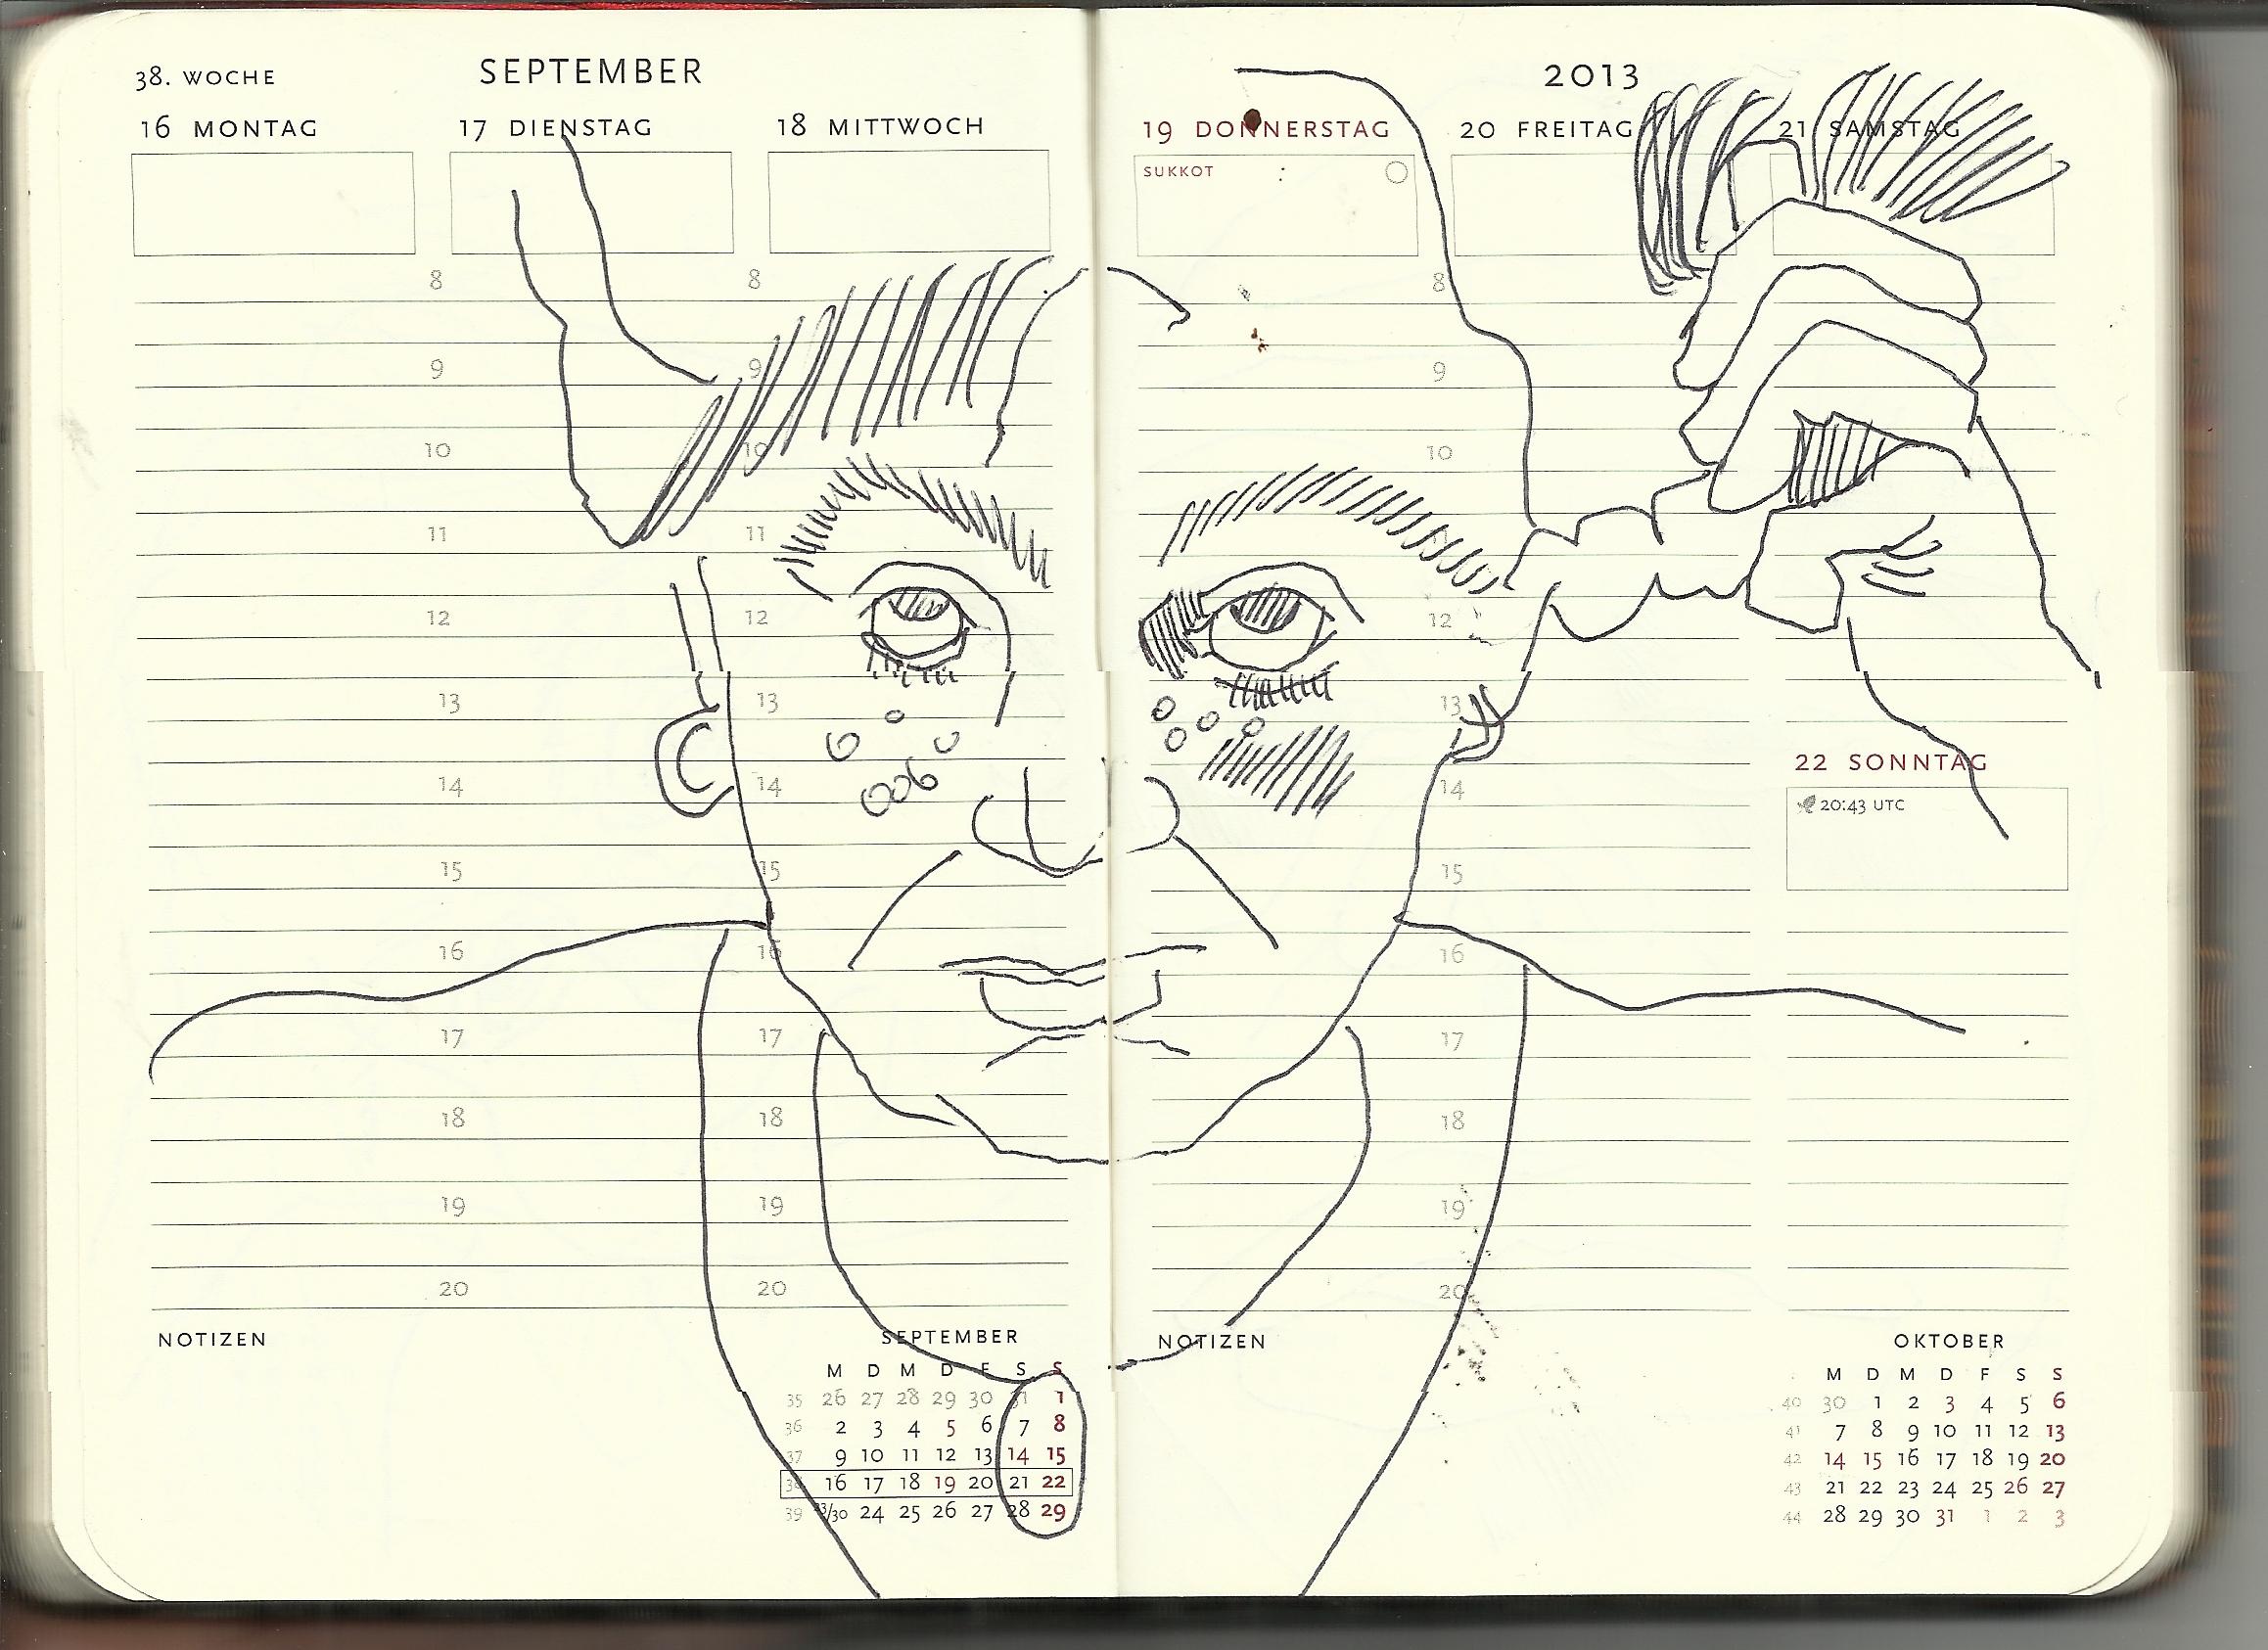 Selbstportrait Tagebuch 38. Woche (c) Zeichnung von Susanne